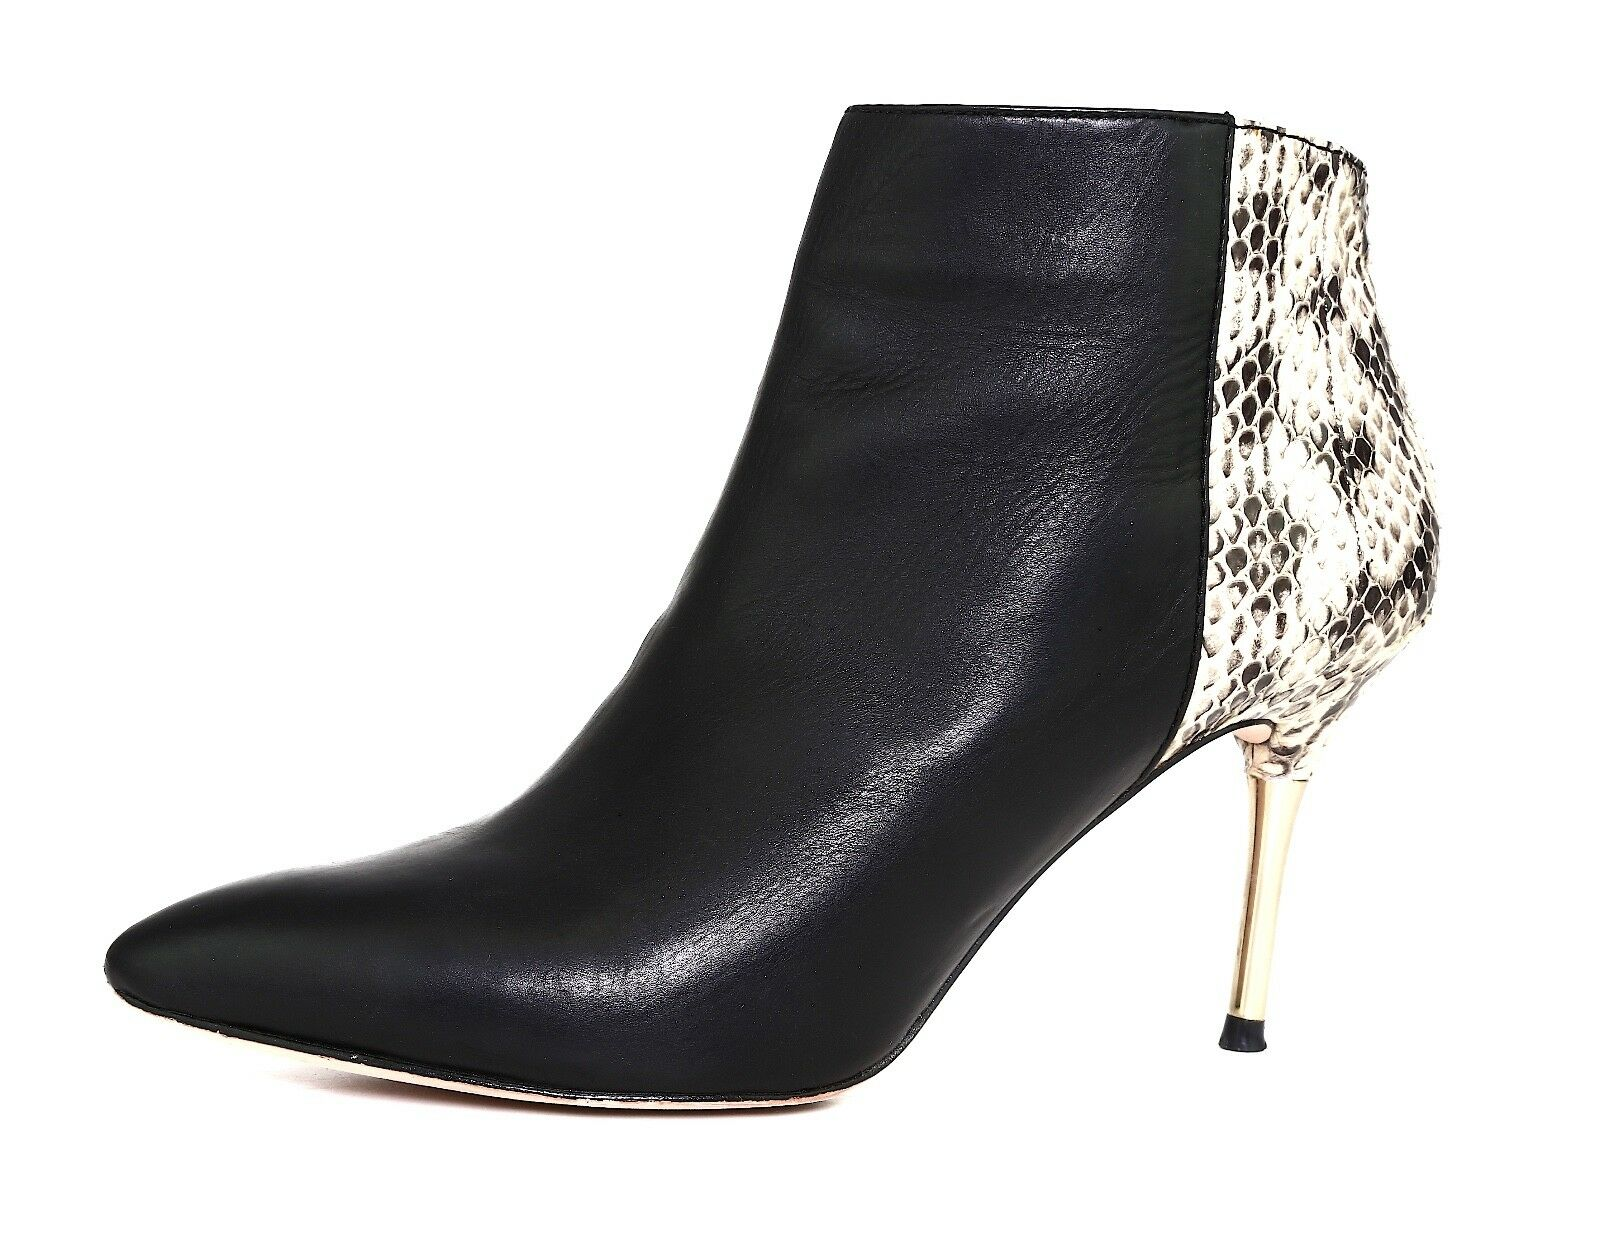 Vince Camuto Signature Posh Leather Bootie Black Women Sz 8 M 5534